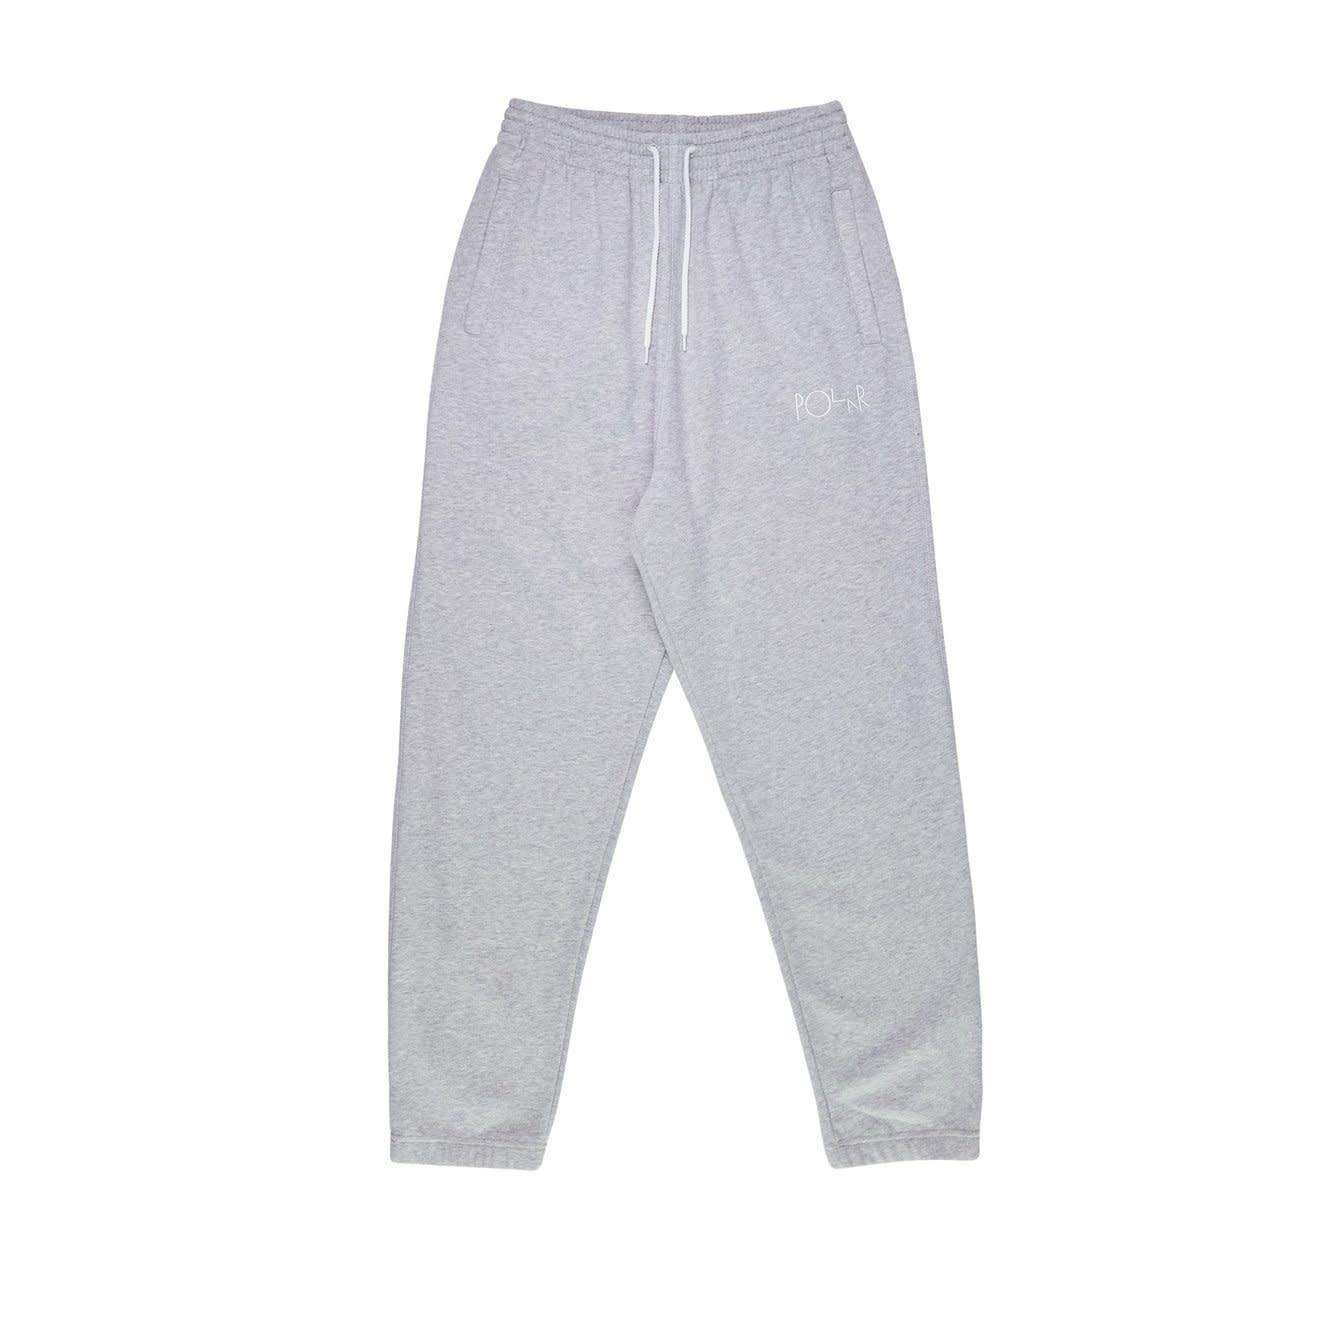 Polar Polar Default Sweat Pants - Sports Grey